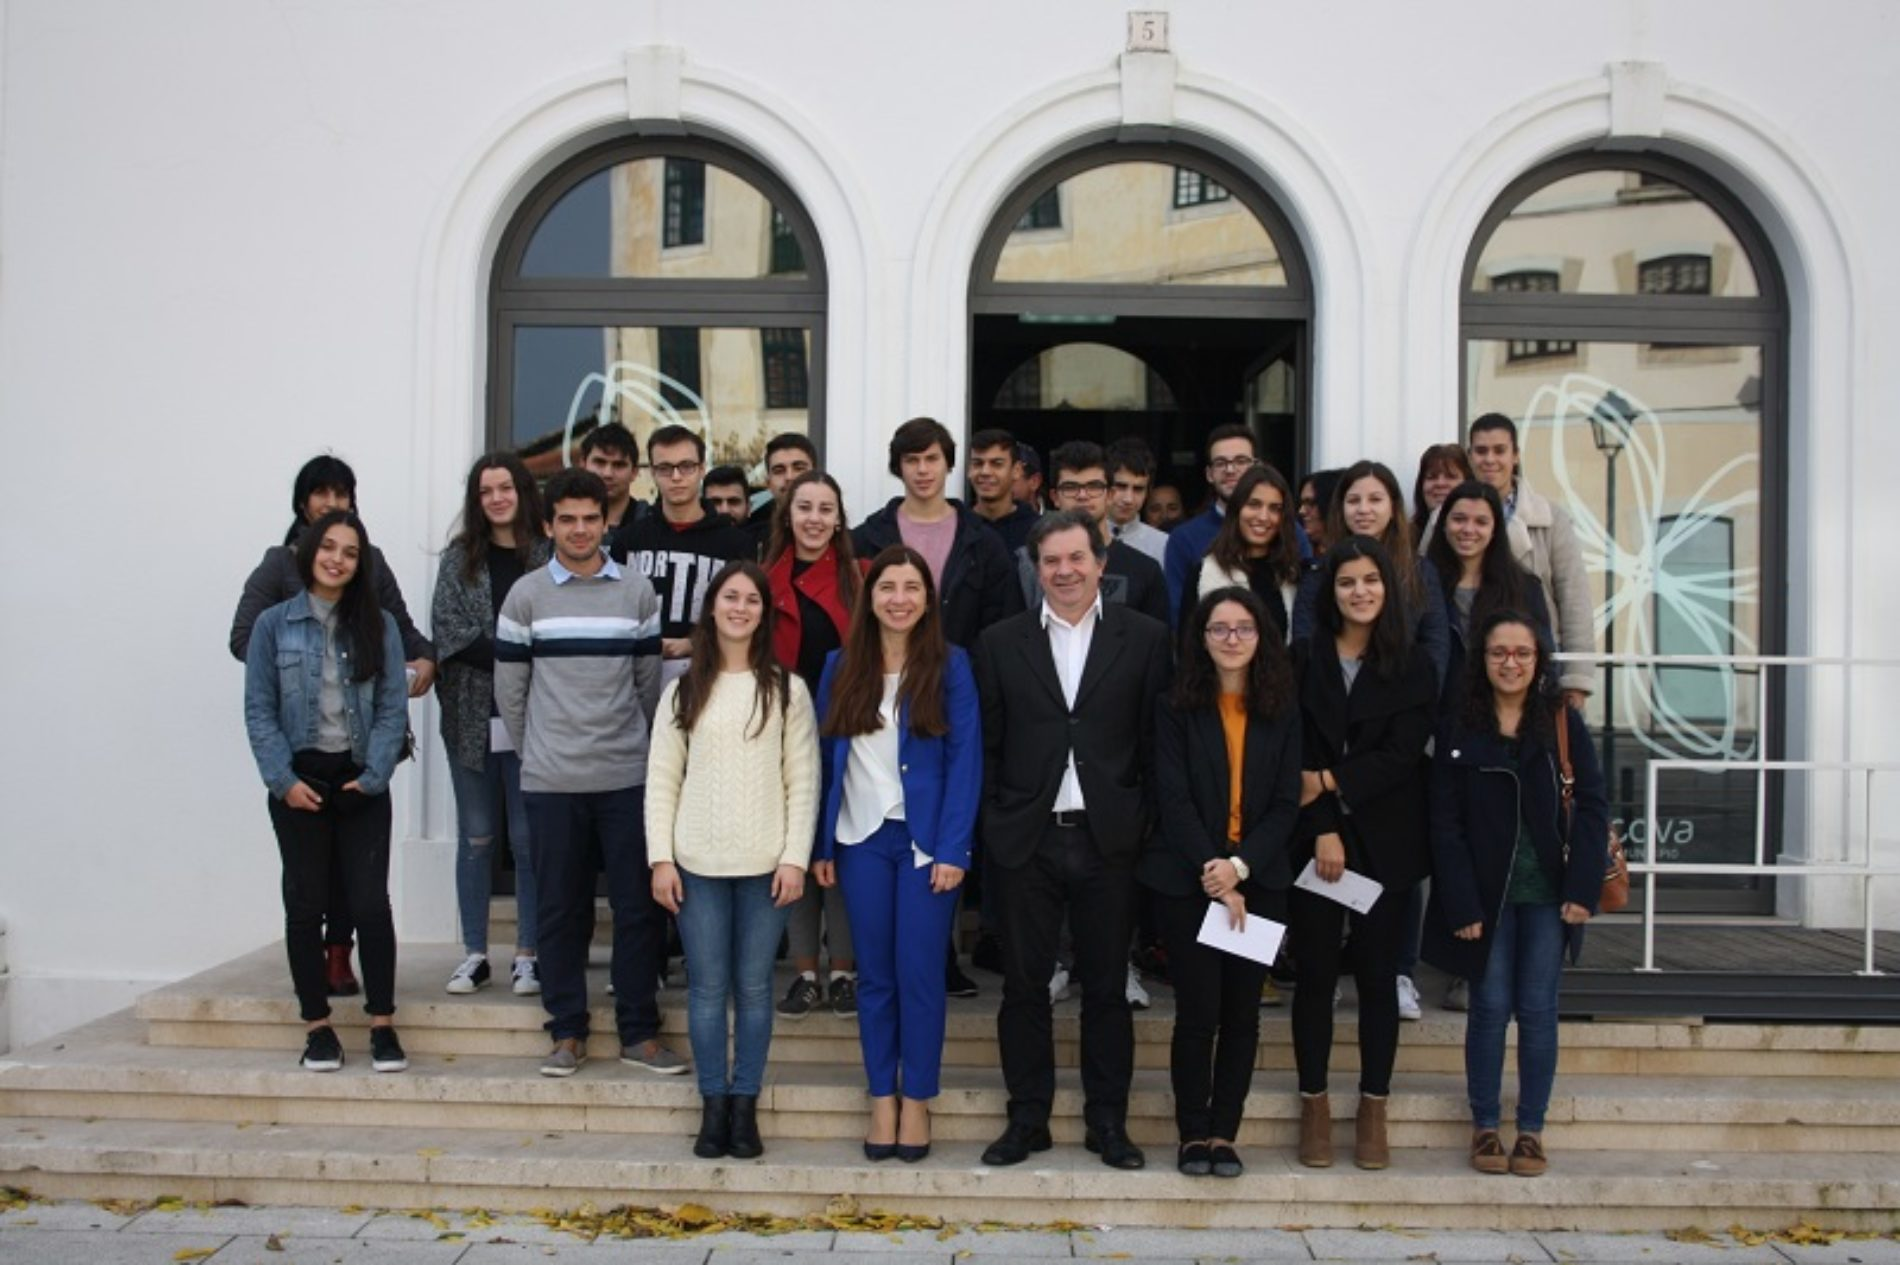 Município de Penacova entregou bolsas de estudo a alunos do ensino secundário e superior